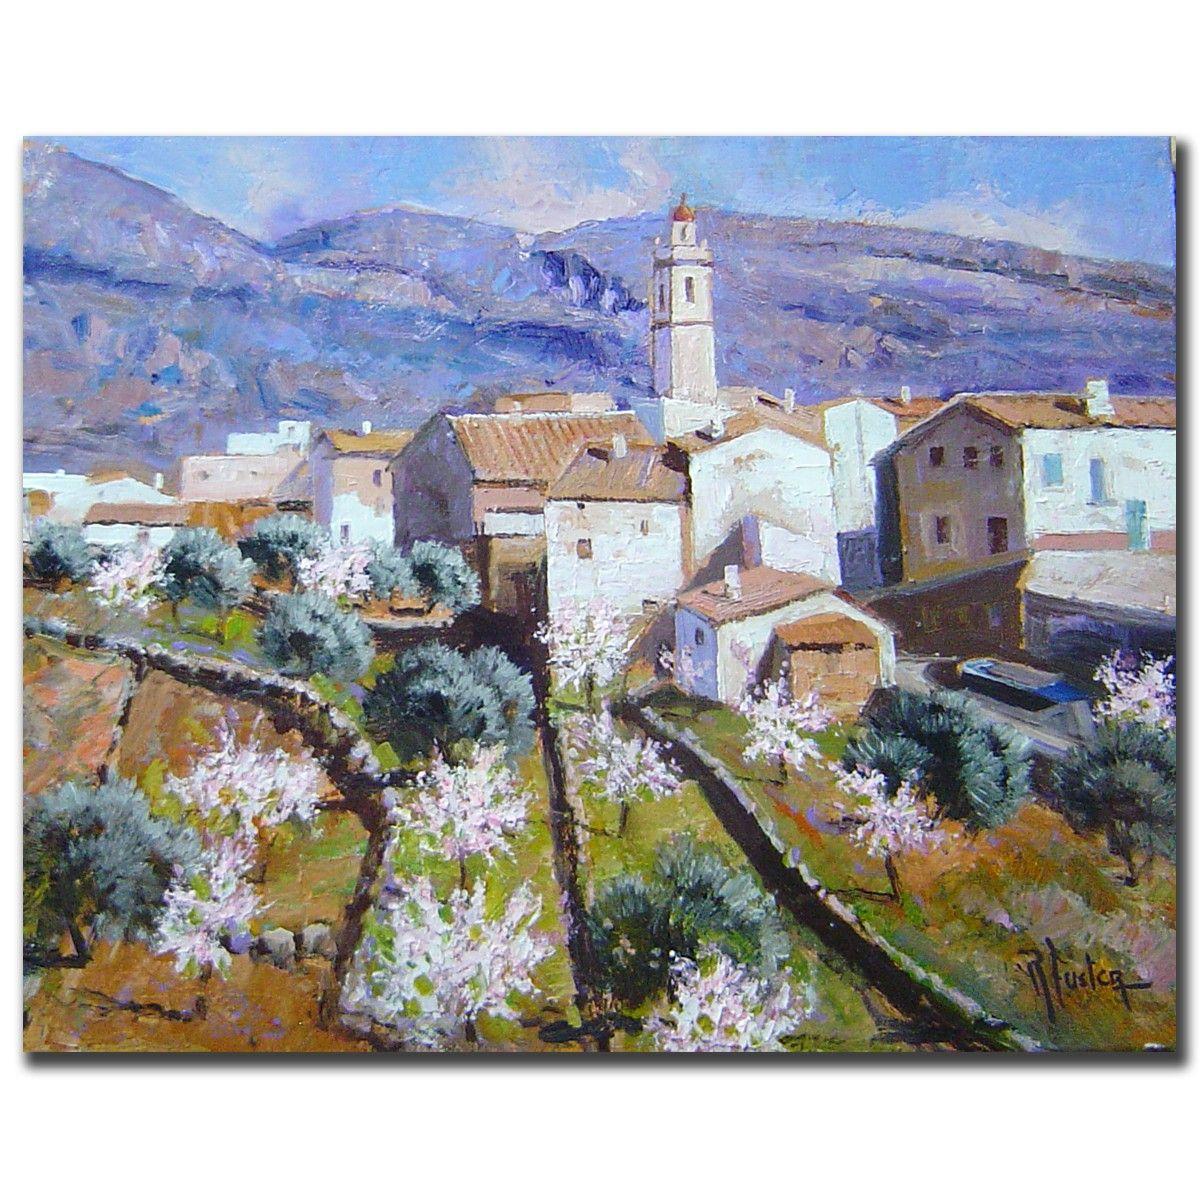 Galeria De Pintura Al Oleo: Cuadros De Paisajes Al óleo. Magnifica Pintura De R.fuster